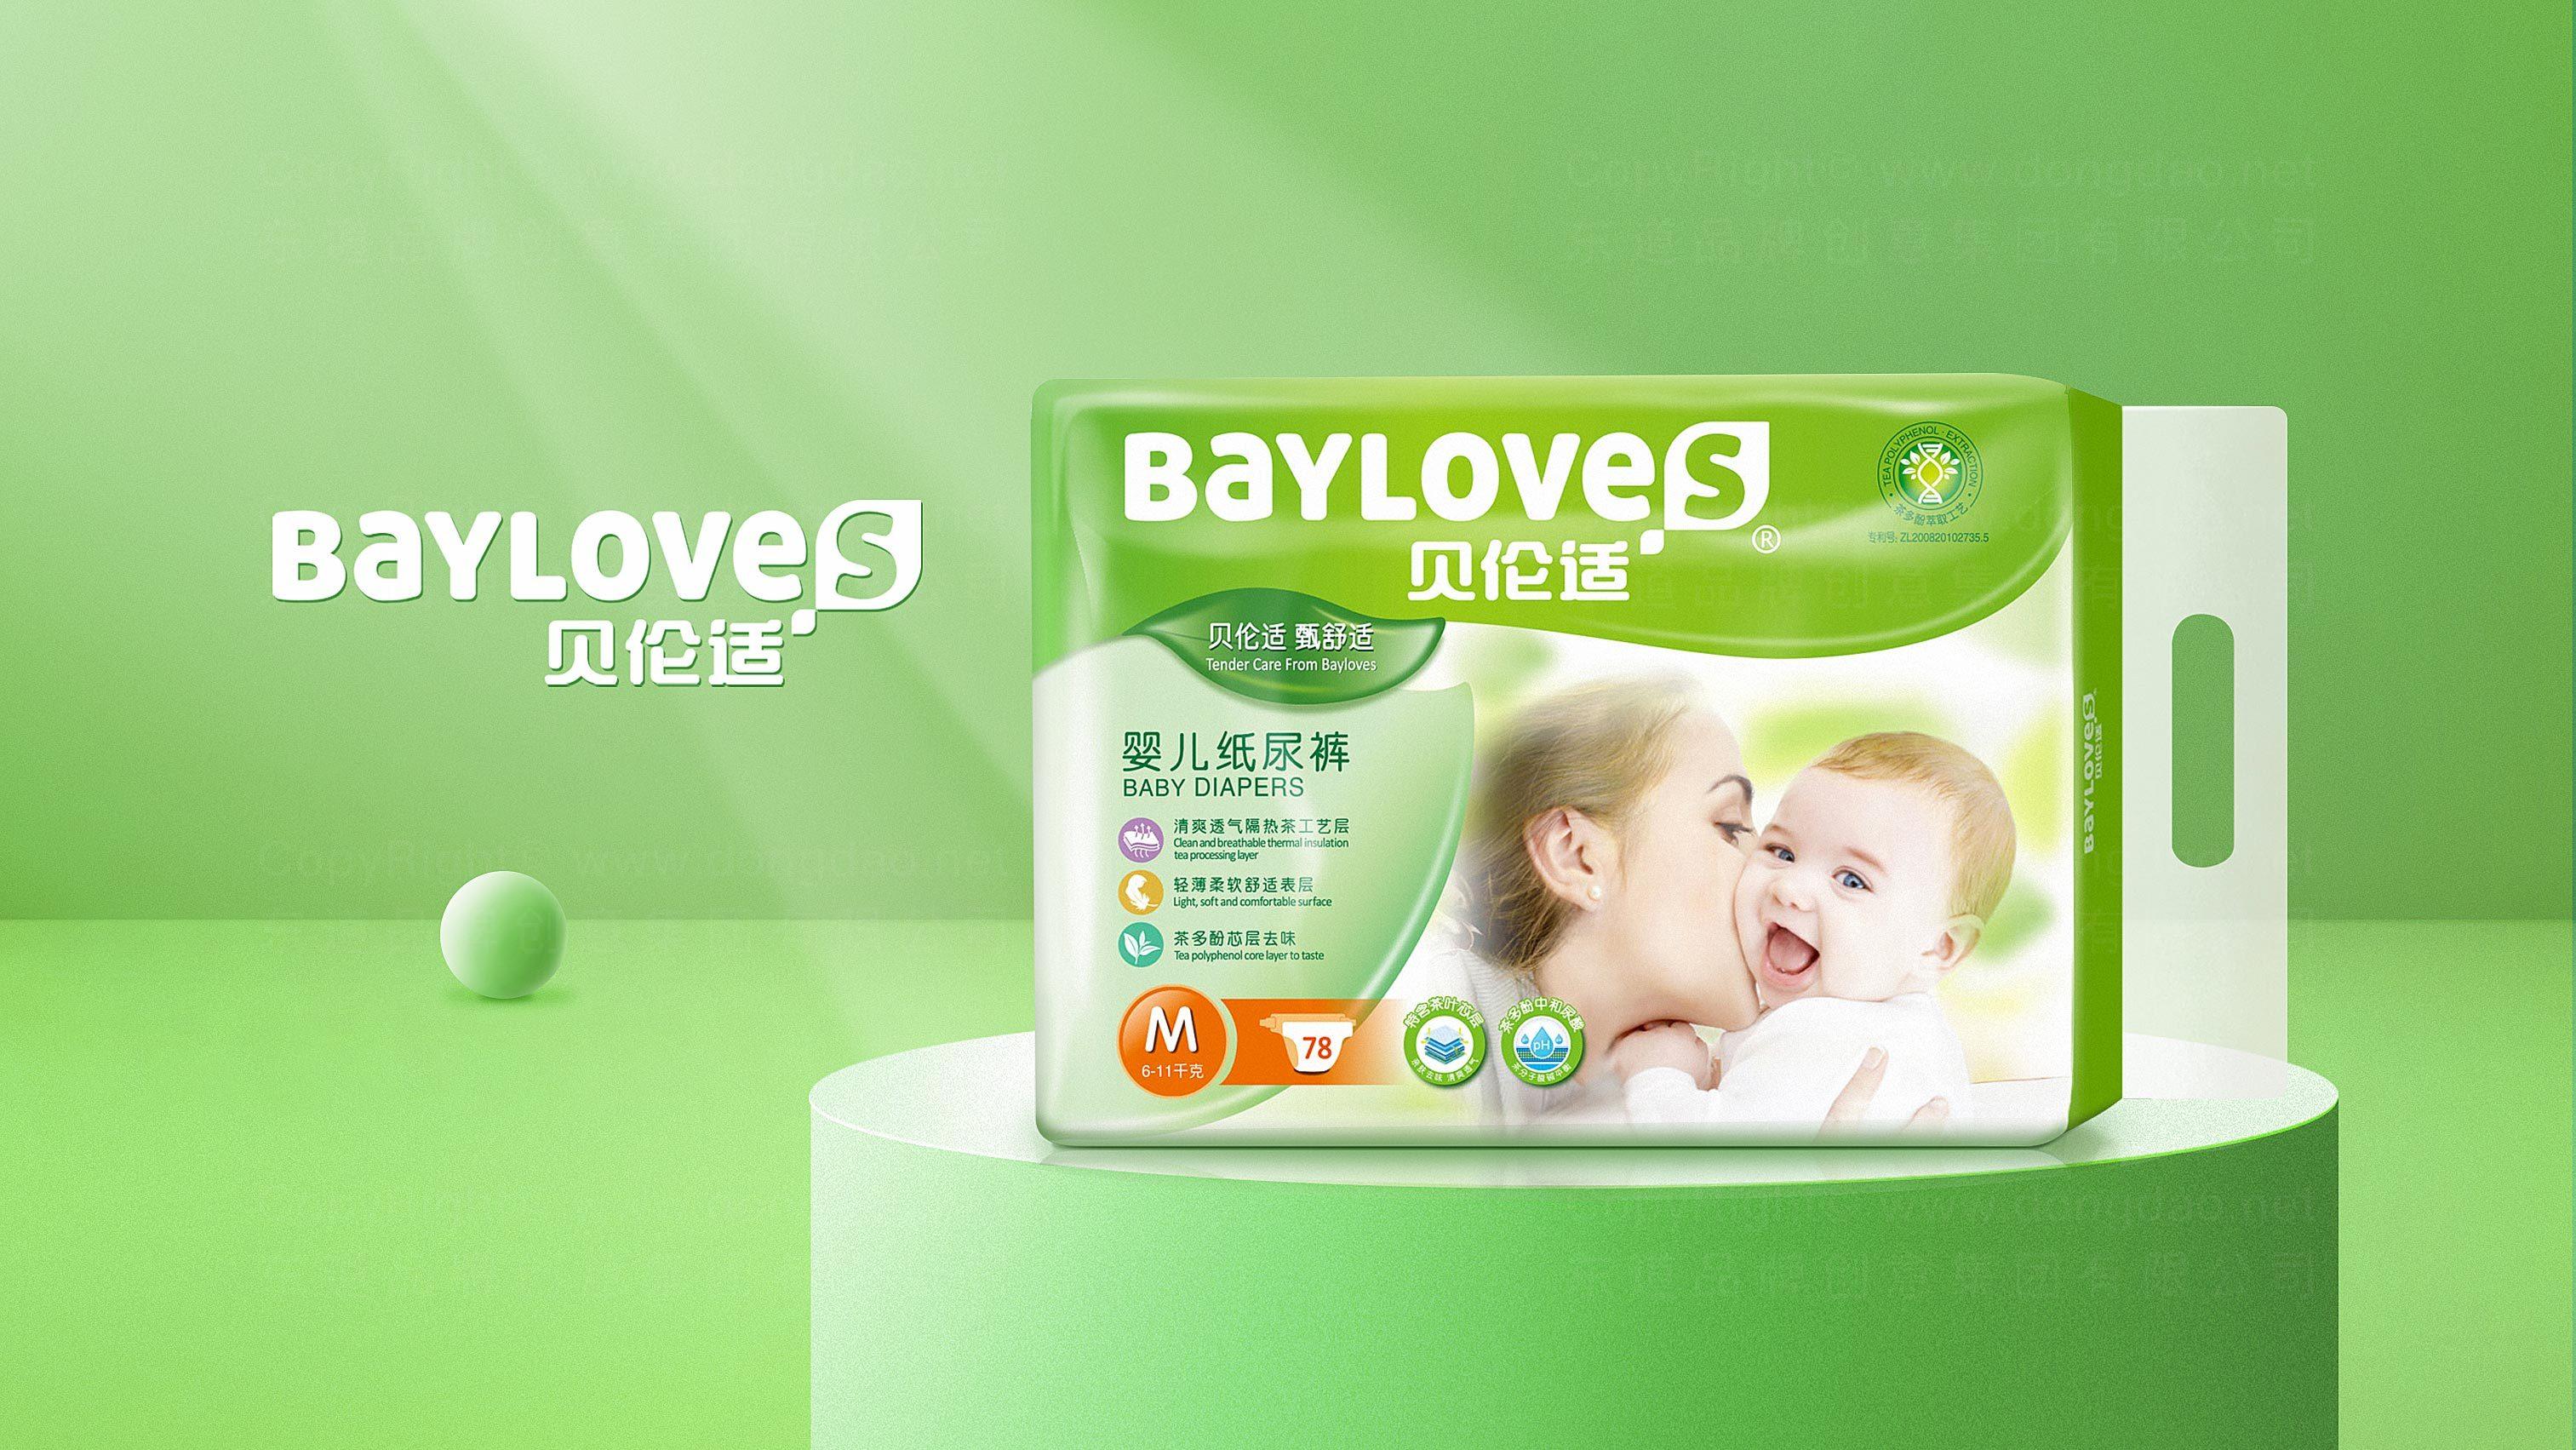 产品包装案例贝伦适产品全案